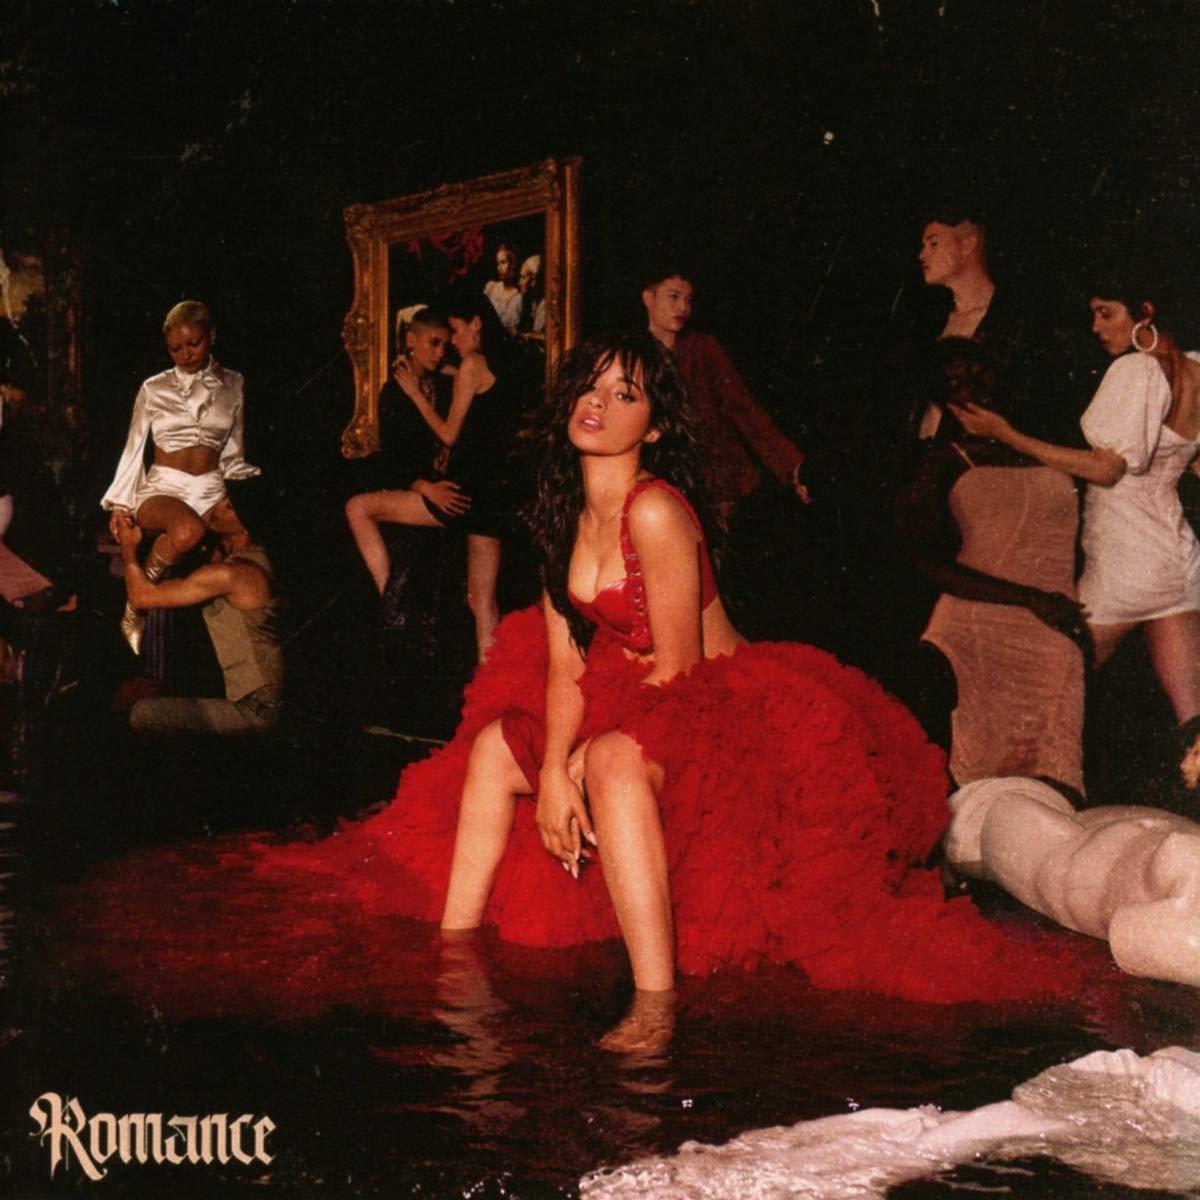 Romance CD by Camila Cabello +mp3 version £8.93 (Prime) £11.92 (Non Prime) @ amazon.co.uk